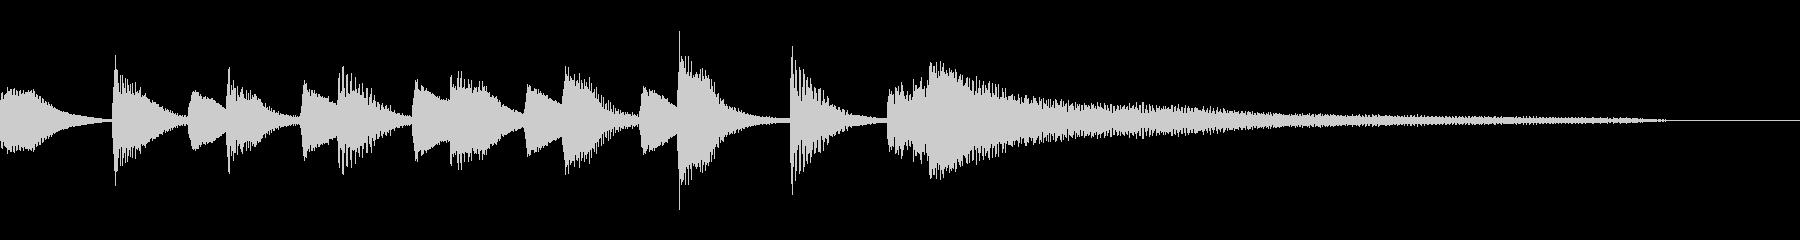 可愛くほのぼのしたピアノのジングルの未再生の波形